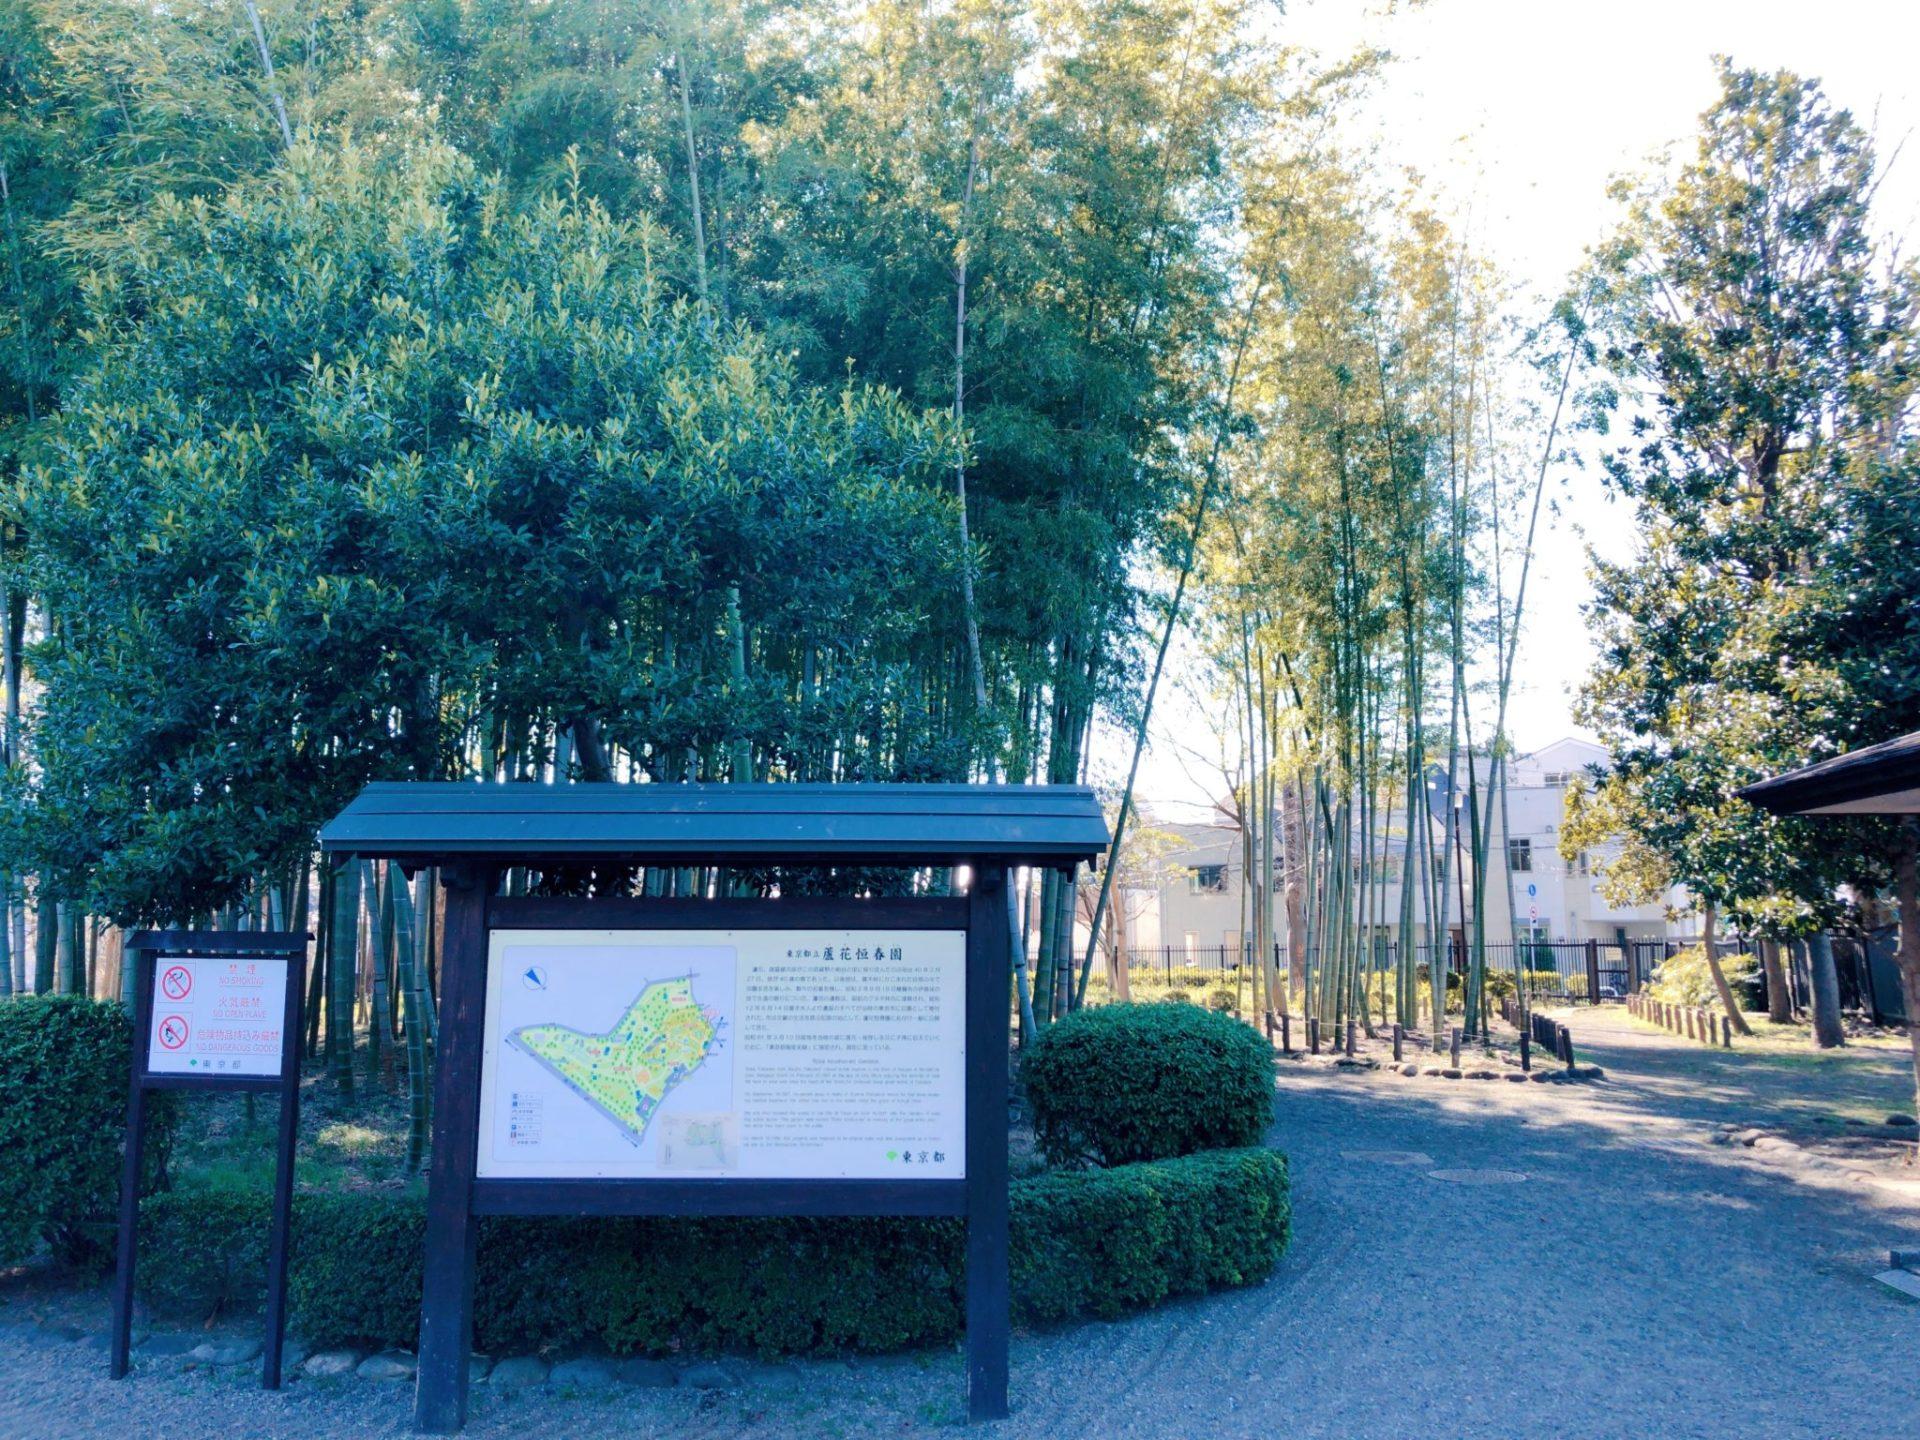 せたがや百景にも選ばれている芦花公園の竹林